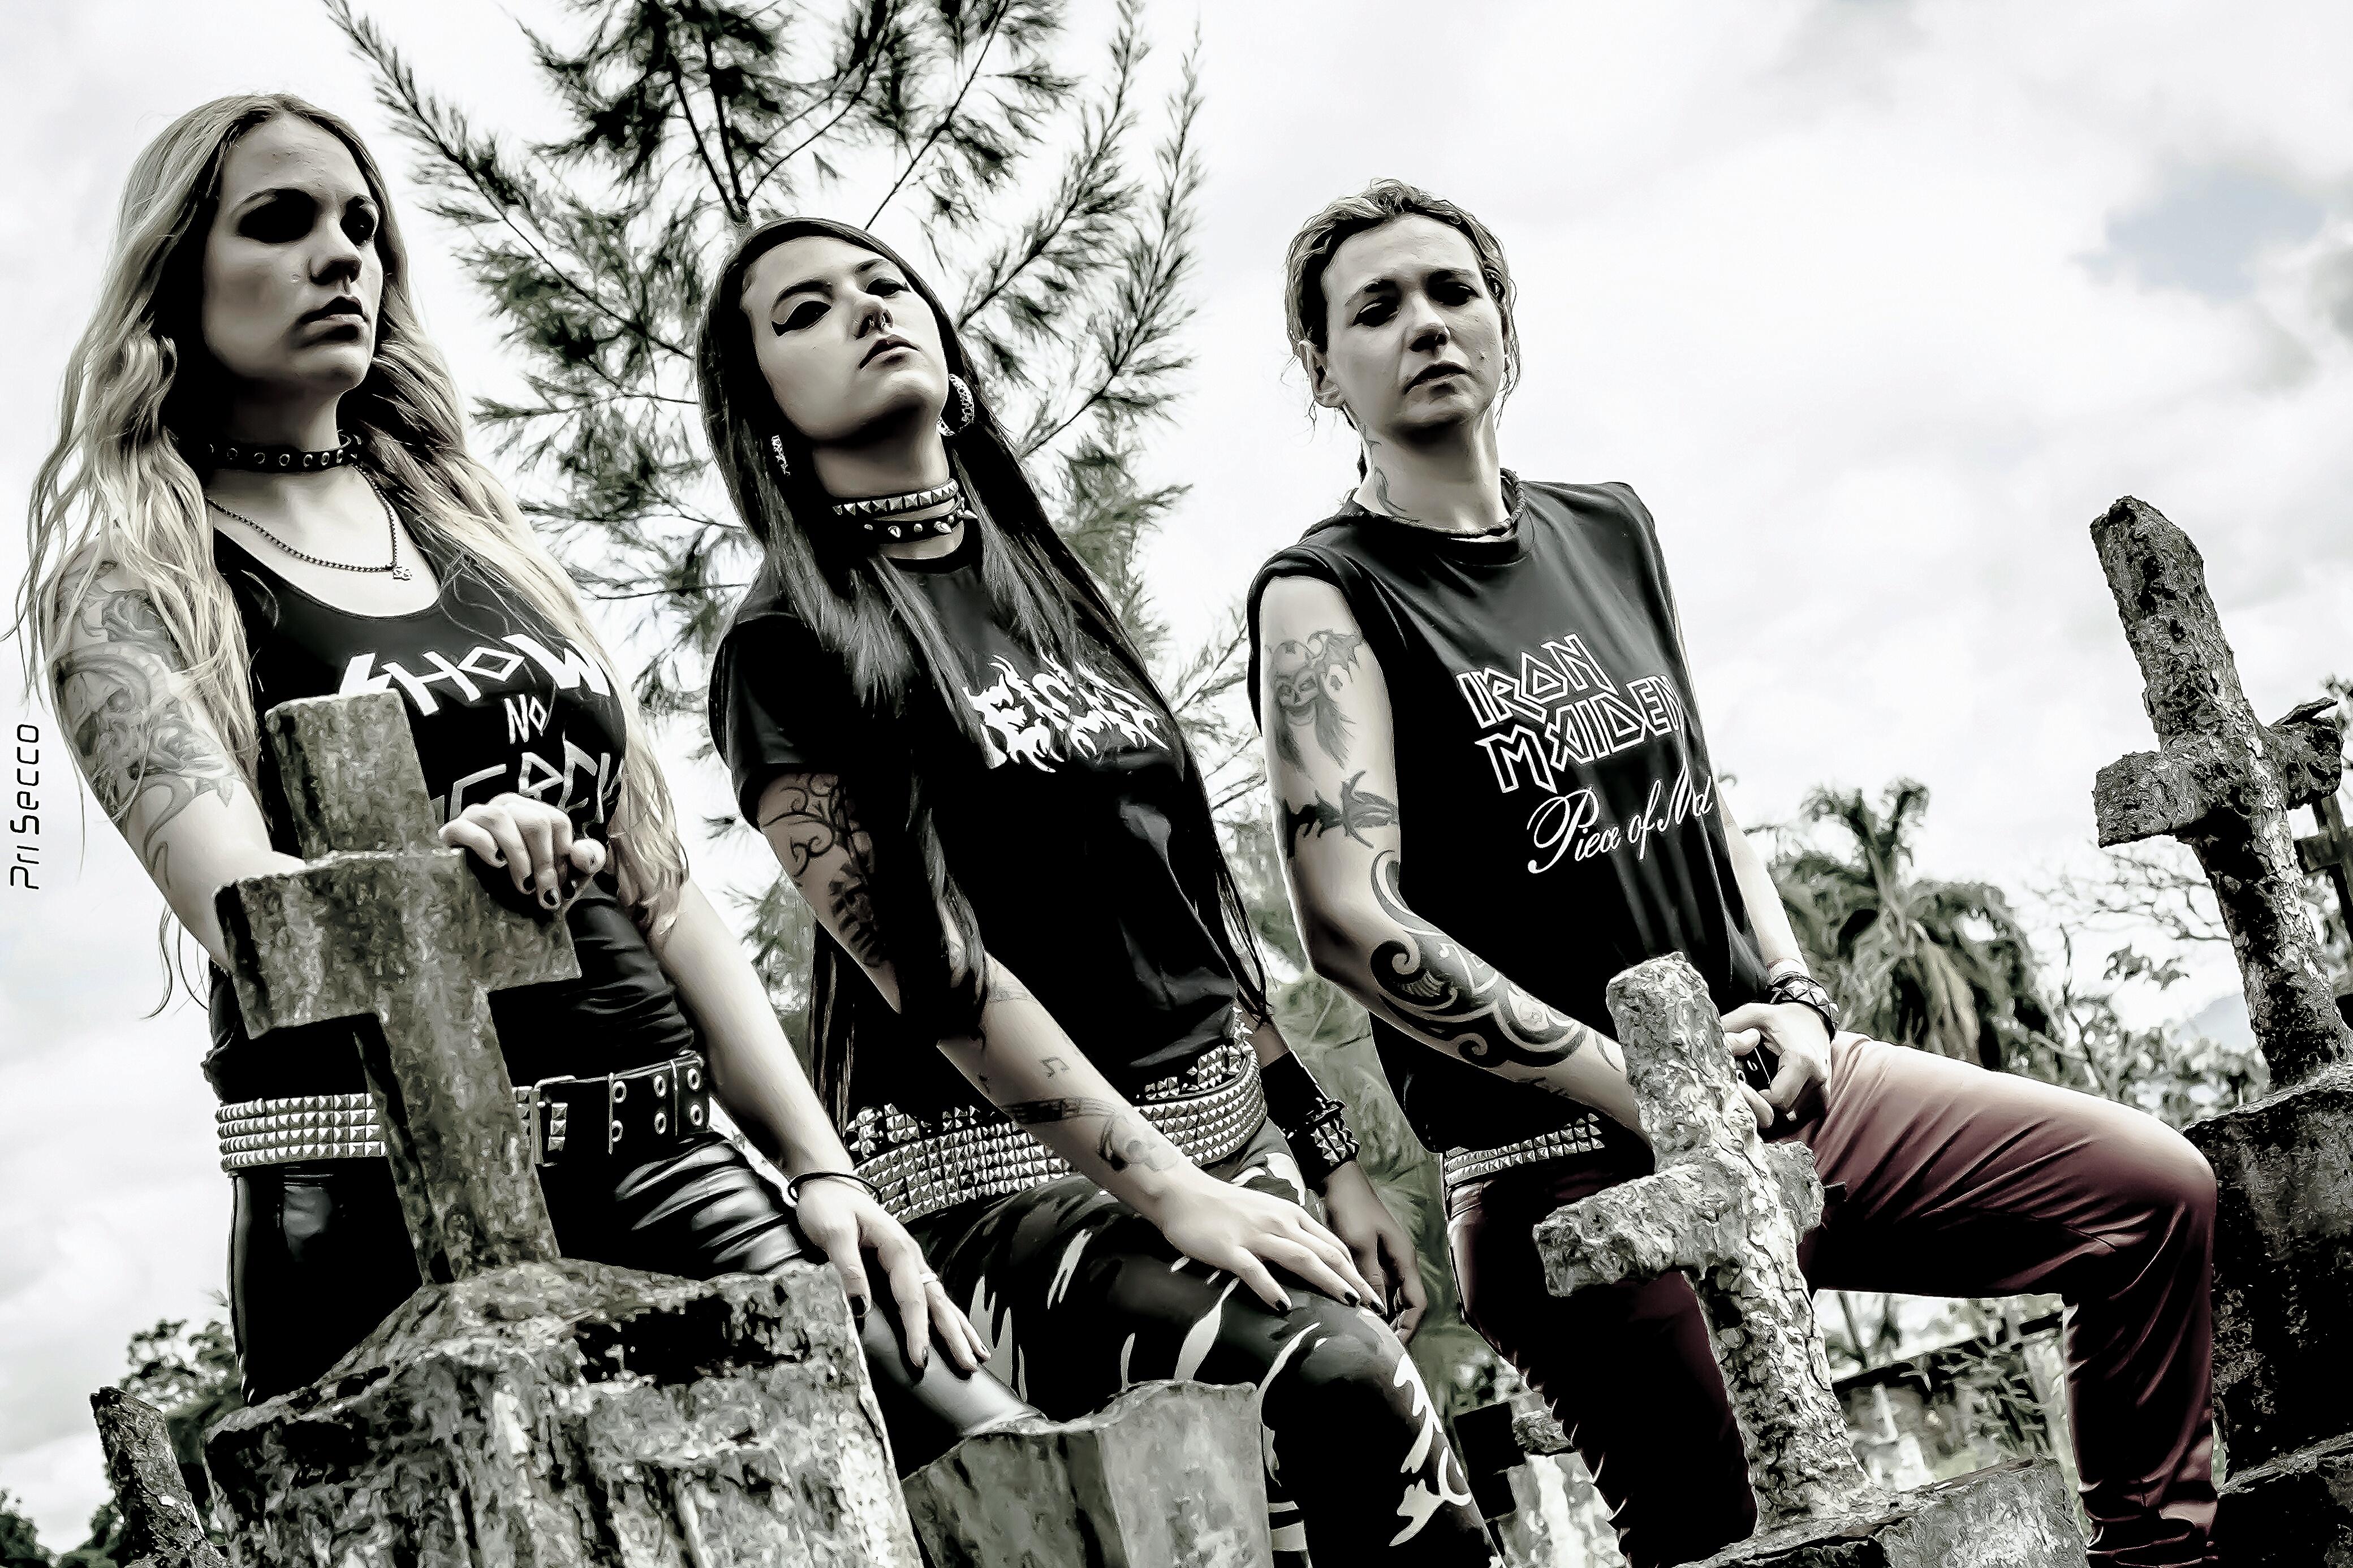 """Nervosan uusi """"Downfall of Mankind"""" -albumi kesäkuussa: kappalelista ja kansitaide julki"""